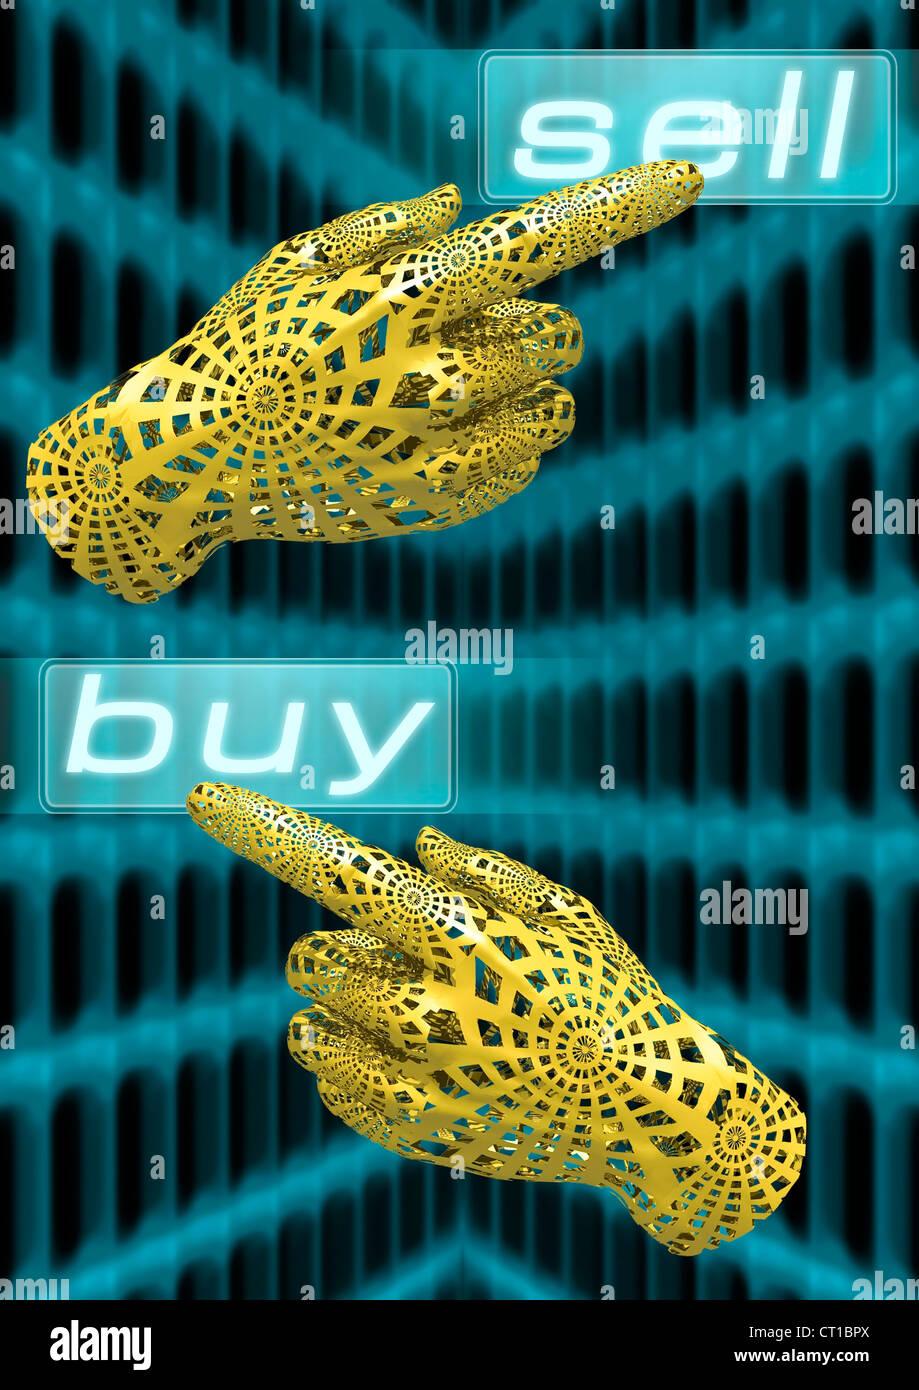 virtual hands trade stocks online - virtuelle Hand bedient Touchscreen mit Kauf- und Verkaufsbefehlen Stock Photo